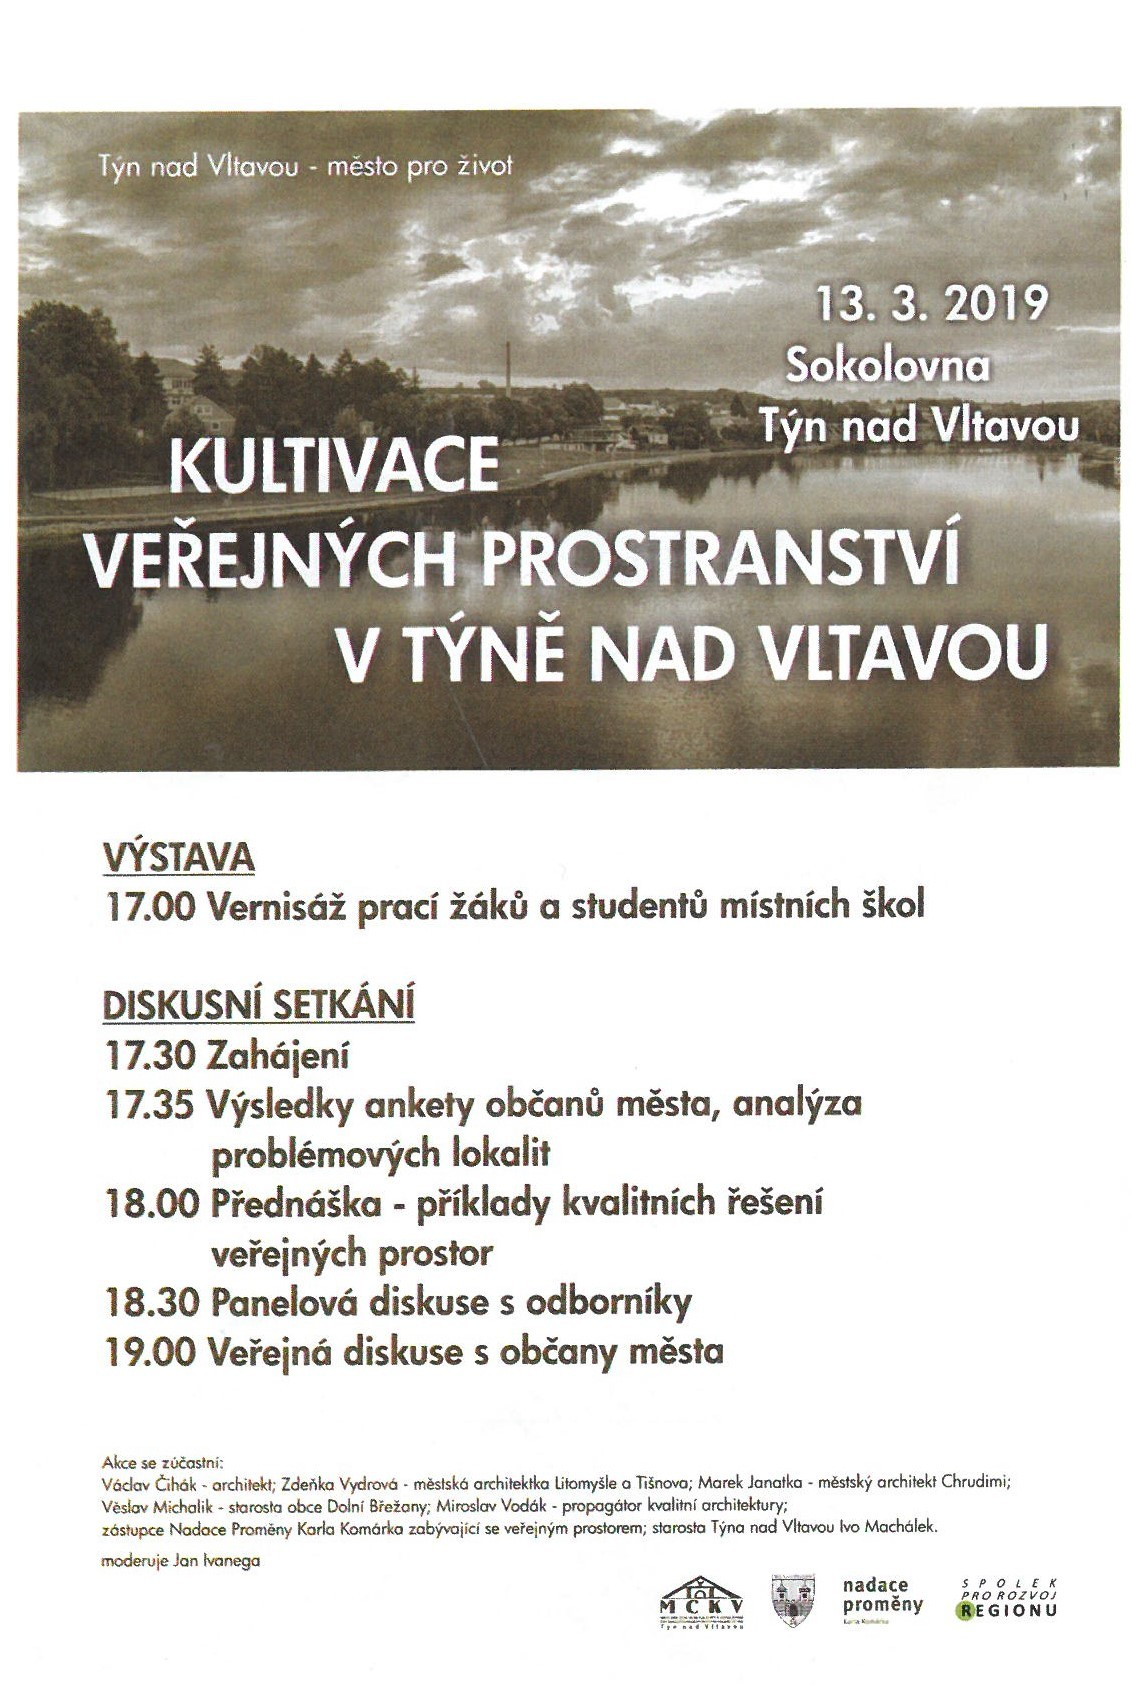 Pozvánka 13.3.2019 Sokolovna Týn nad Vltavou